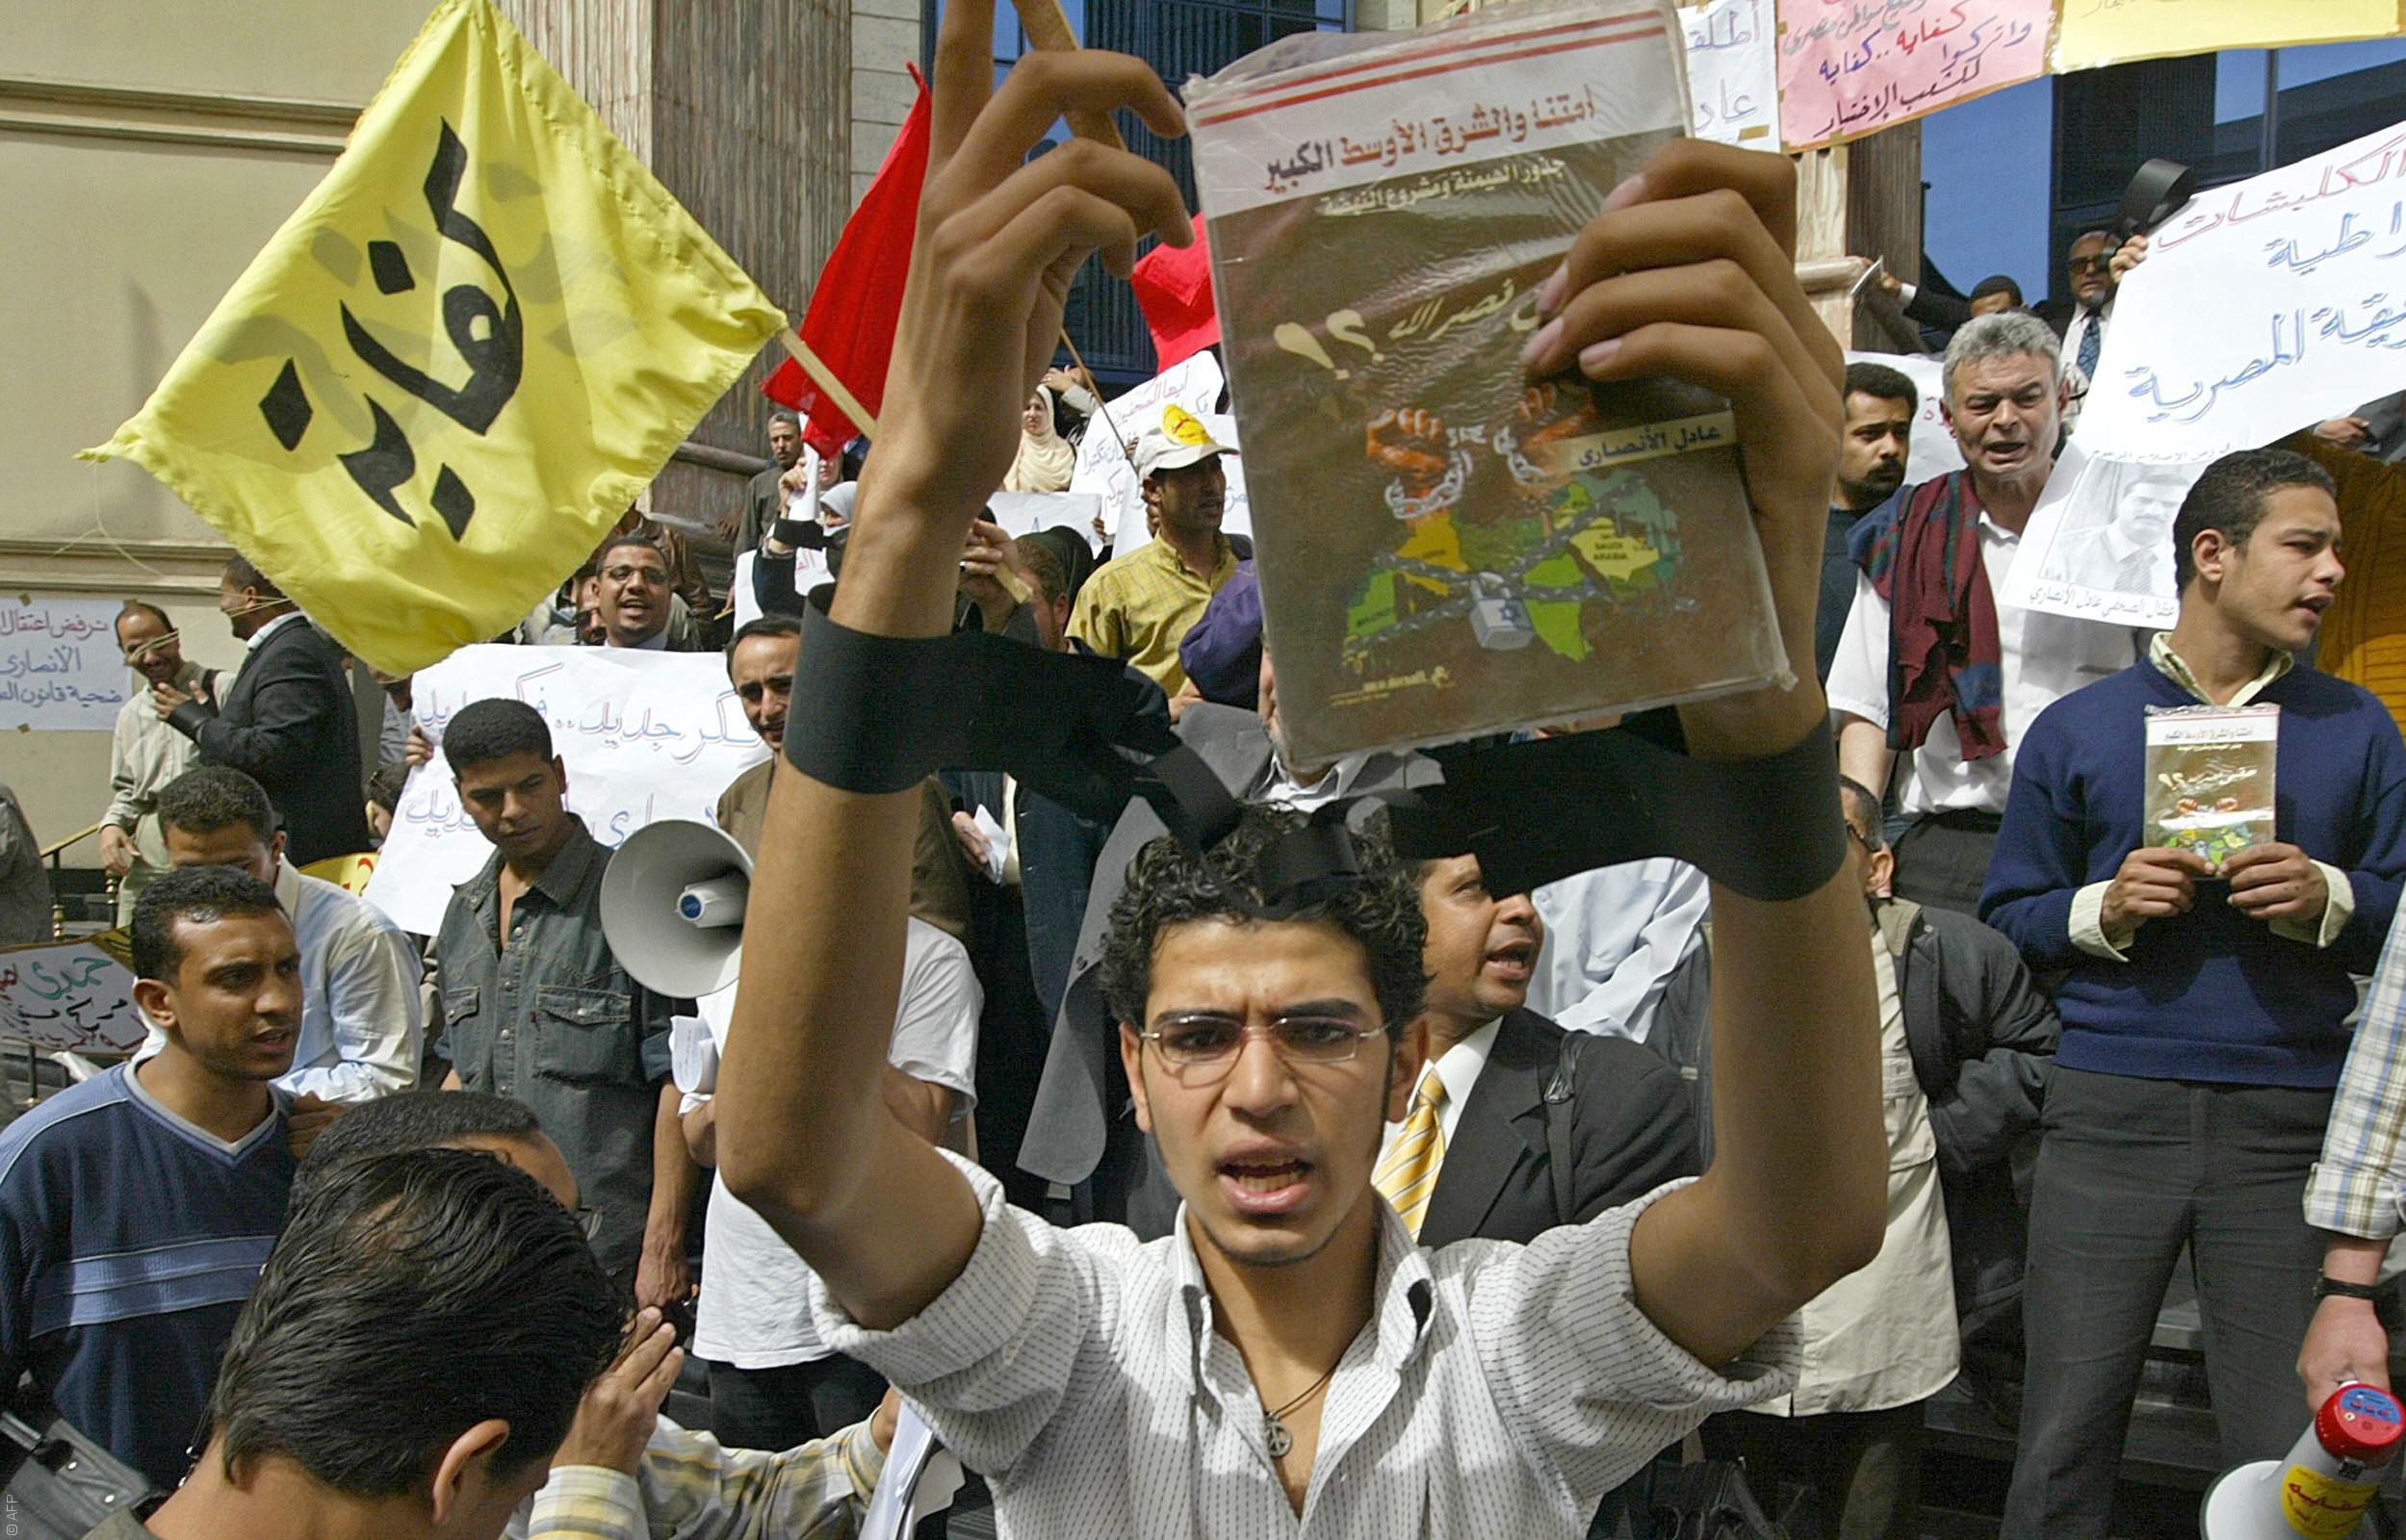 سلالم نقابة الصحافيين - وقفة تضامنية